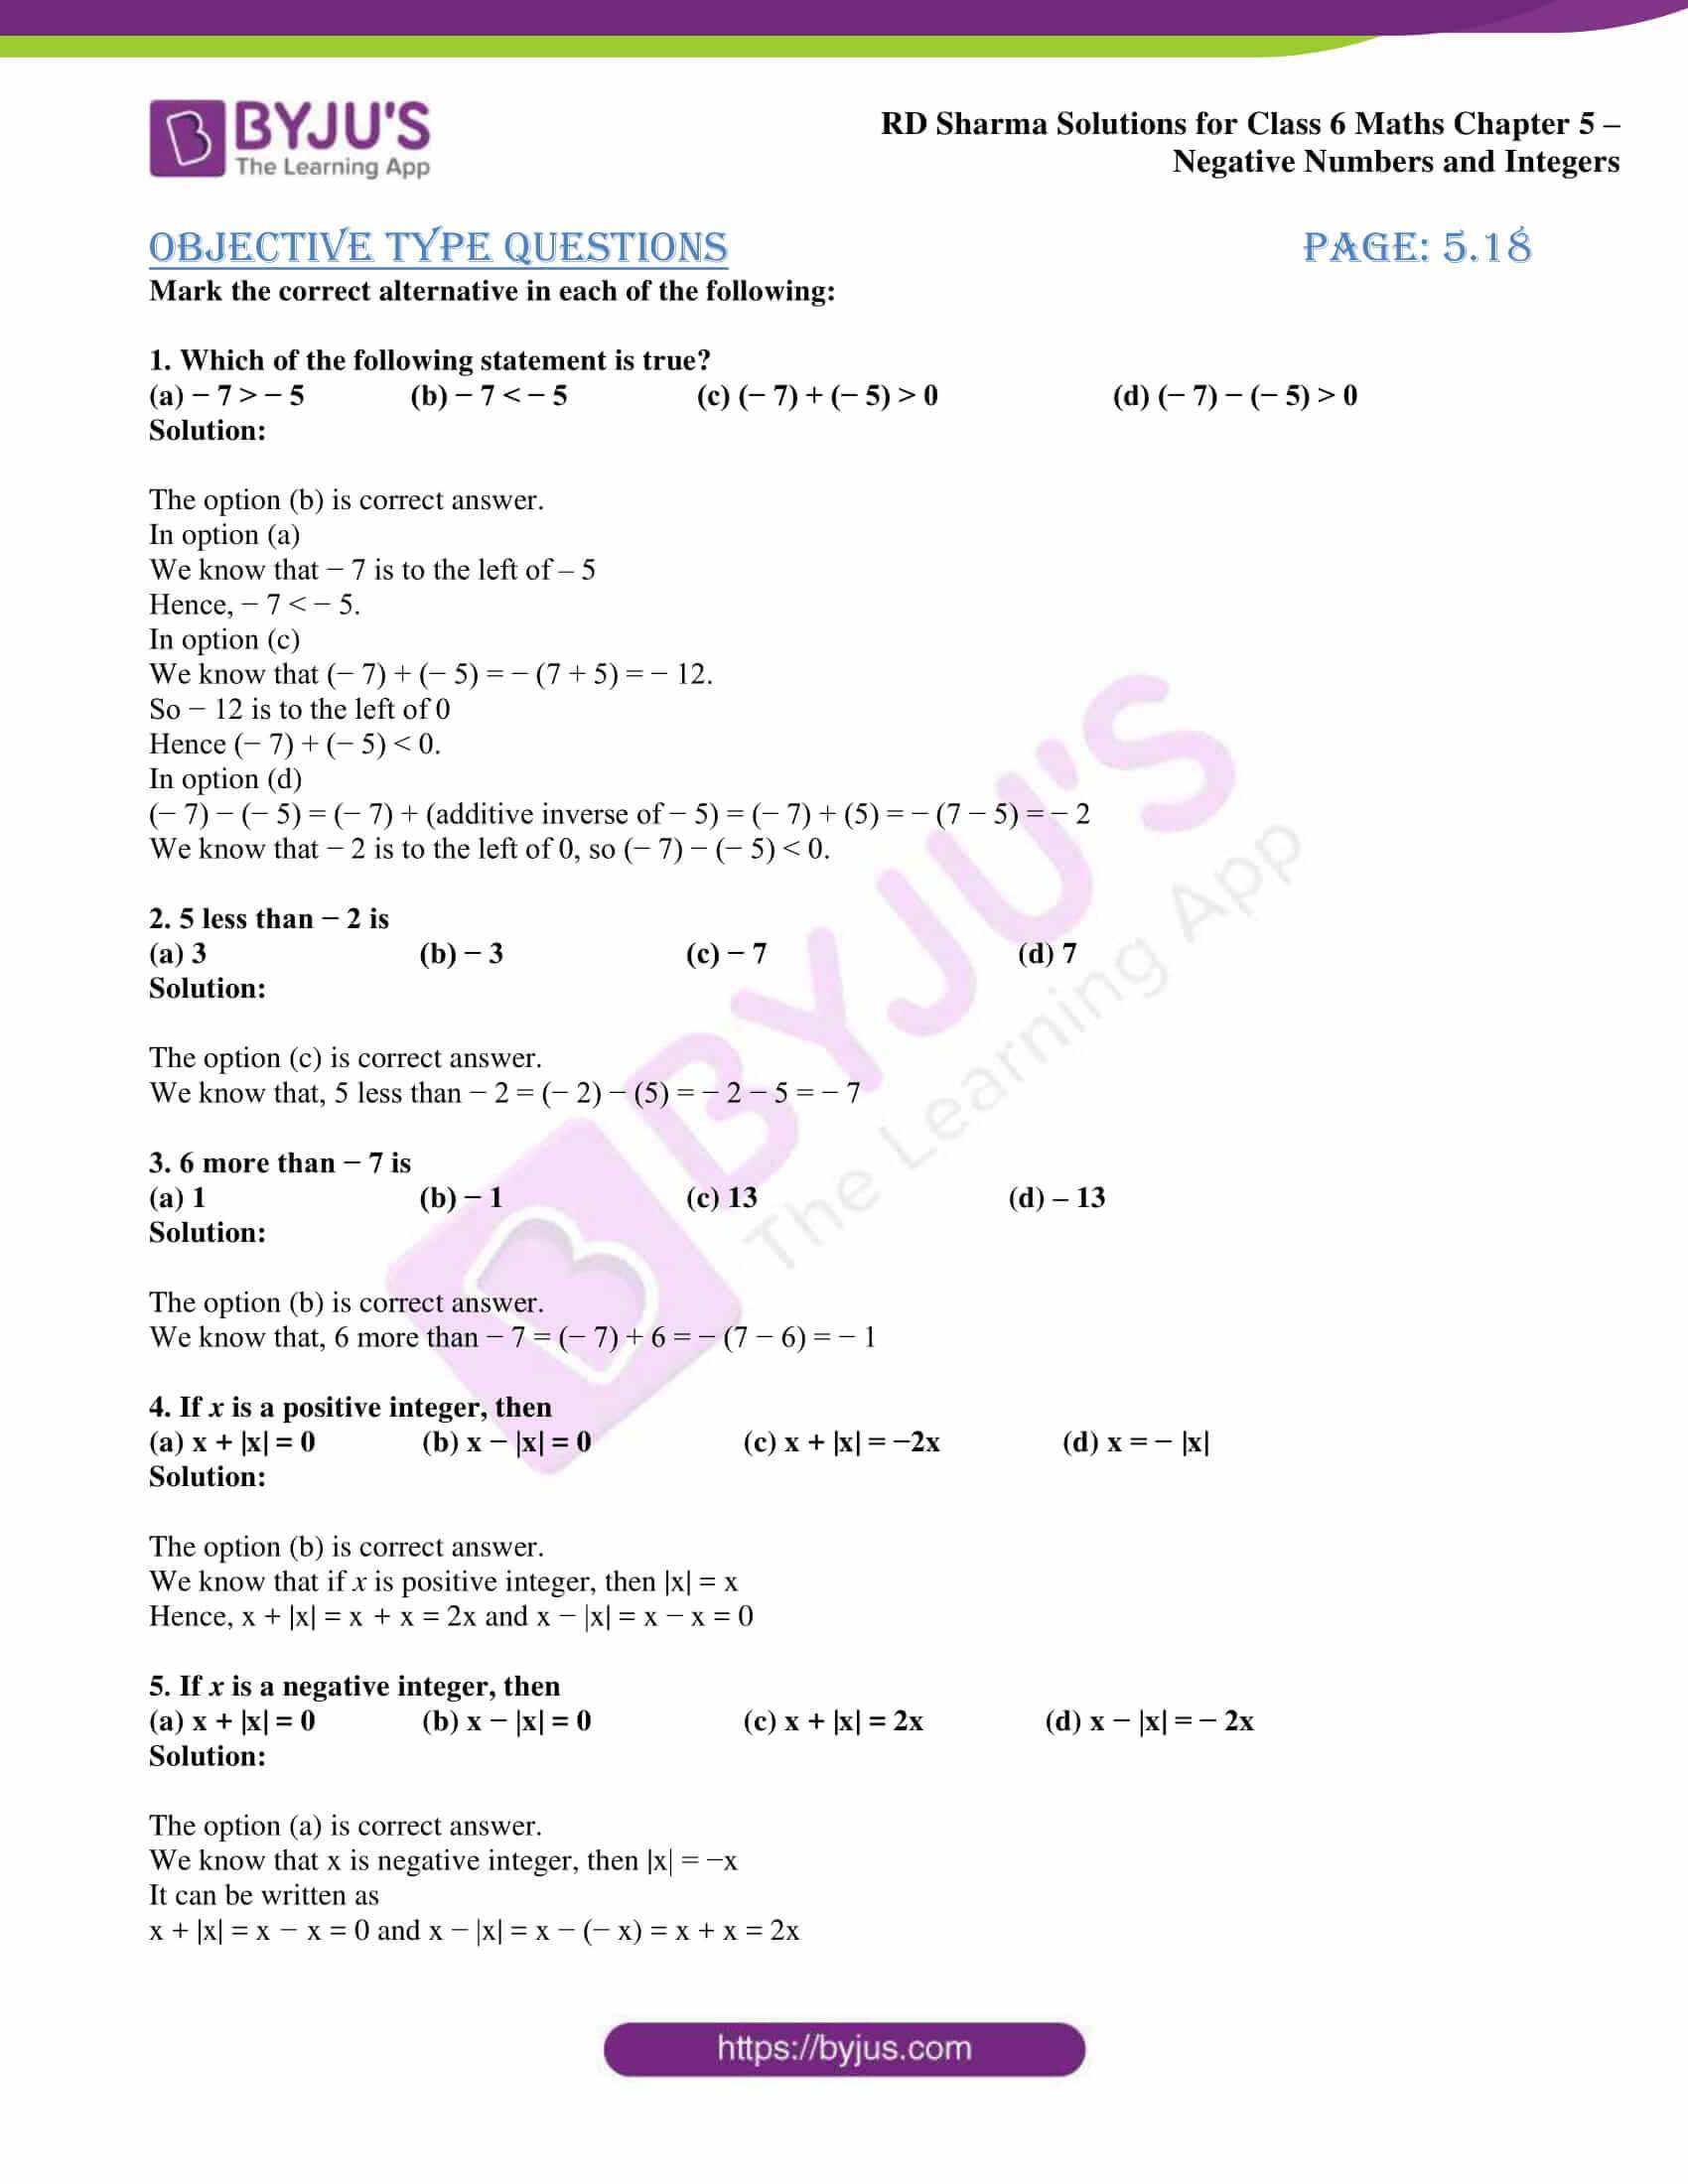 rd sharma solution class 6 maths chapter 5